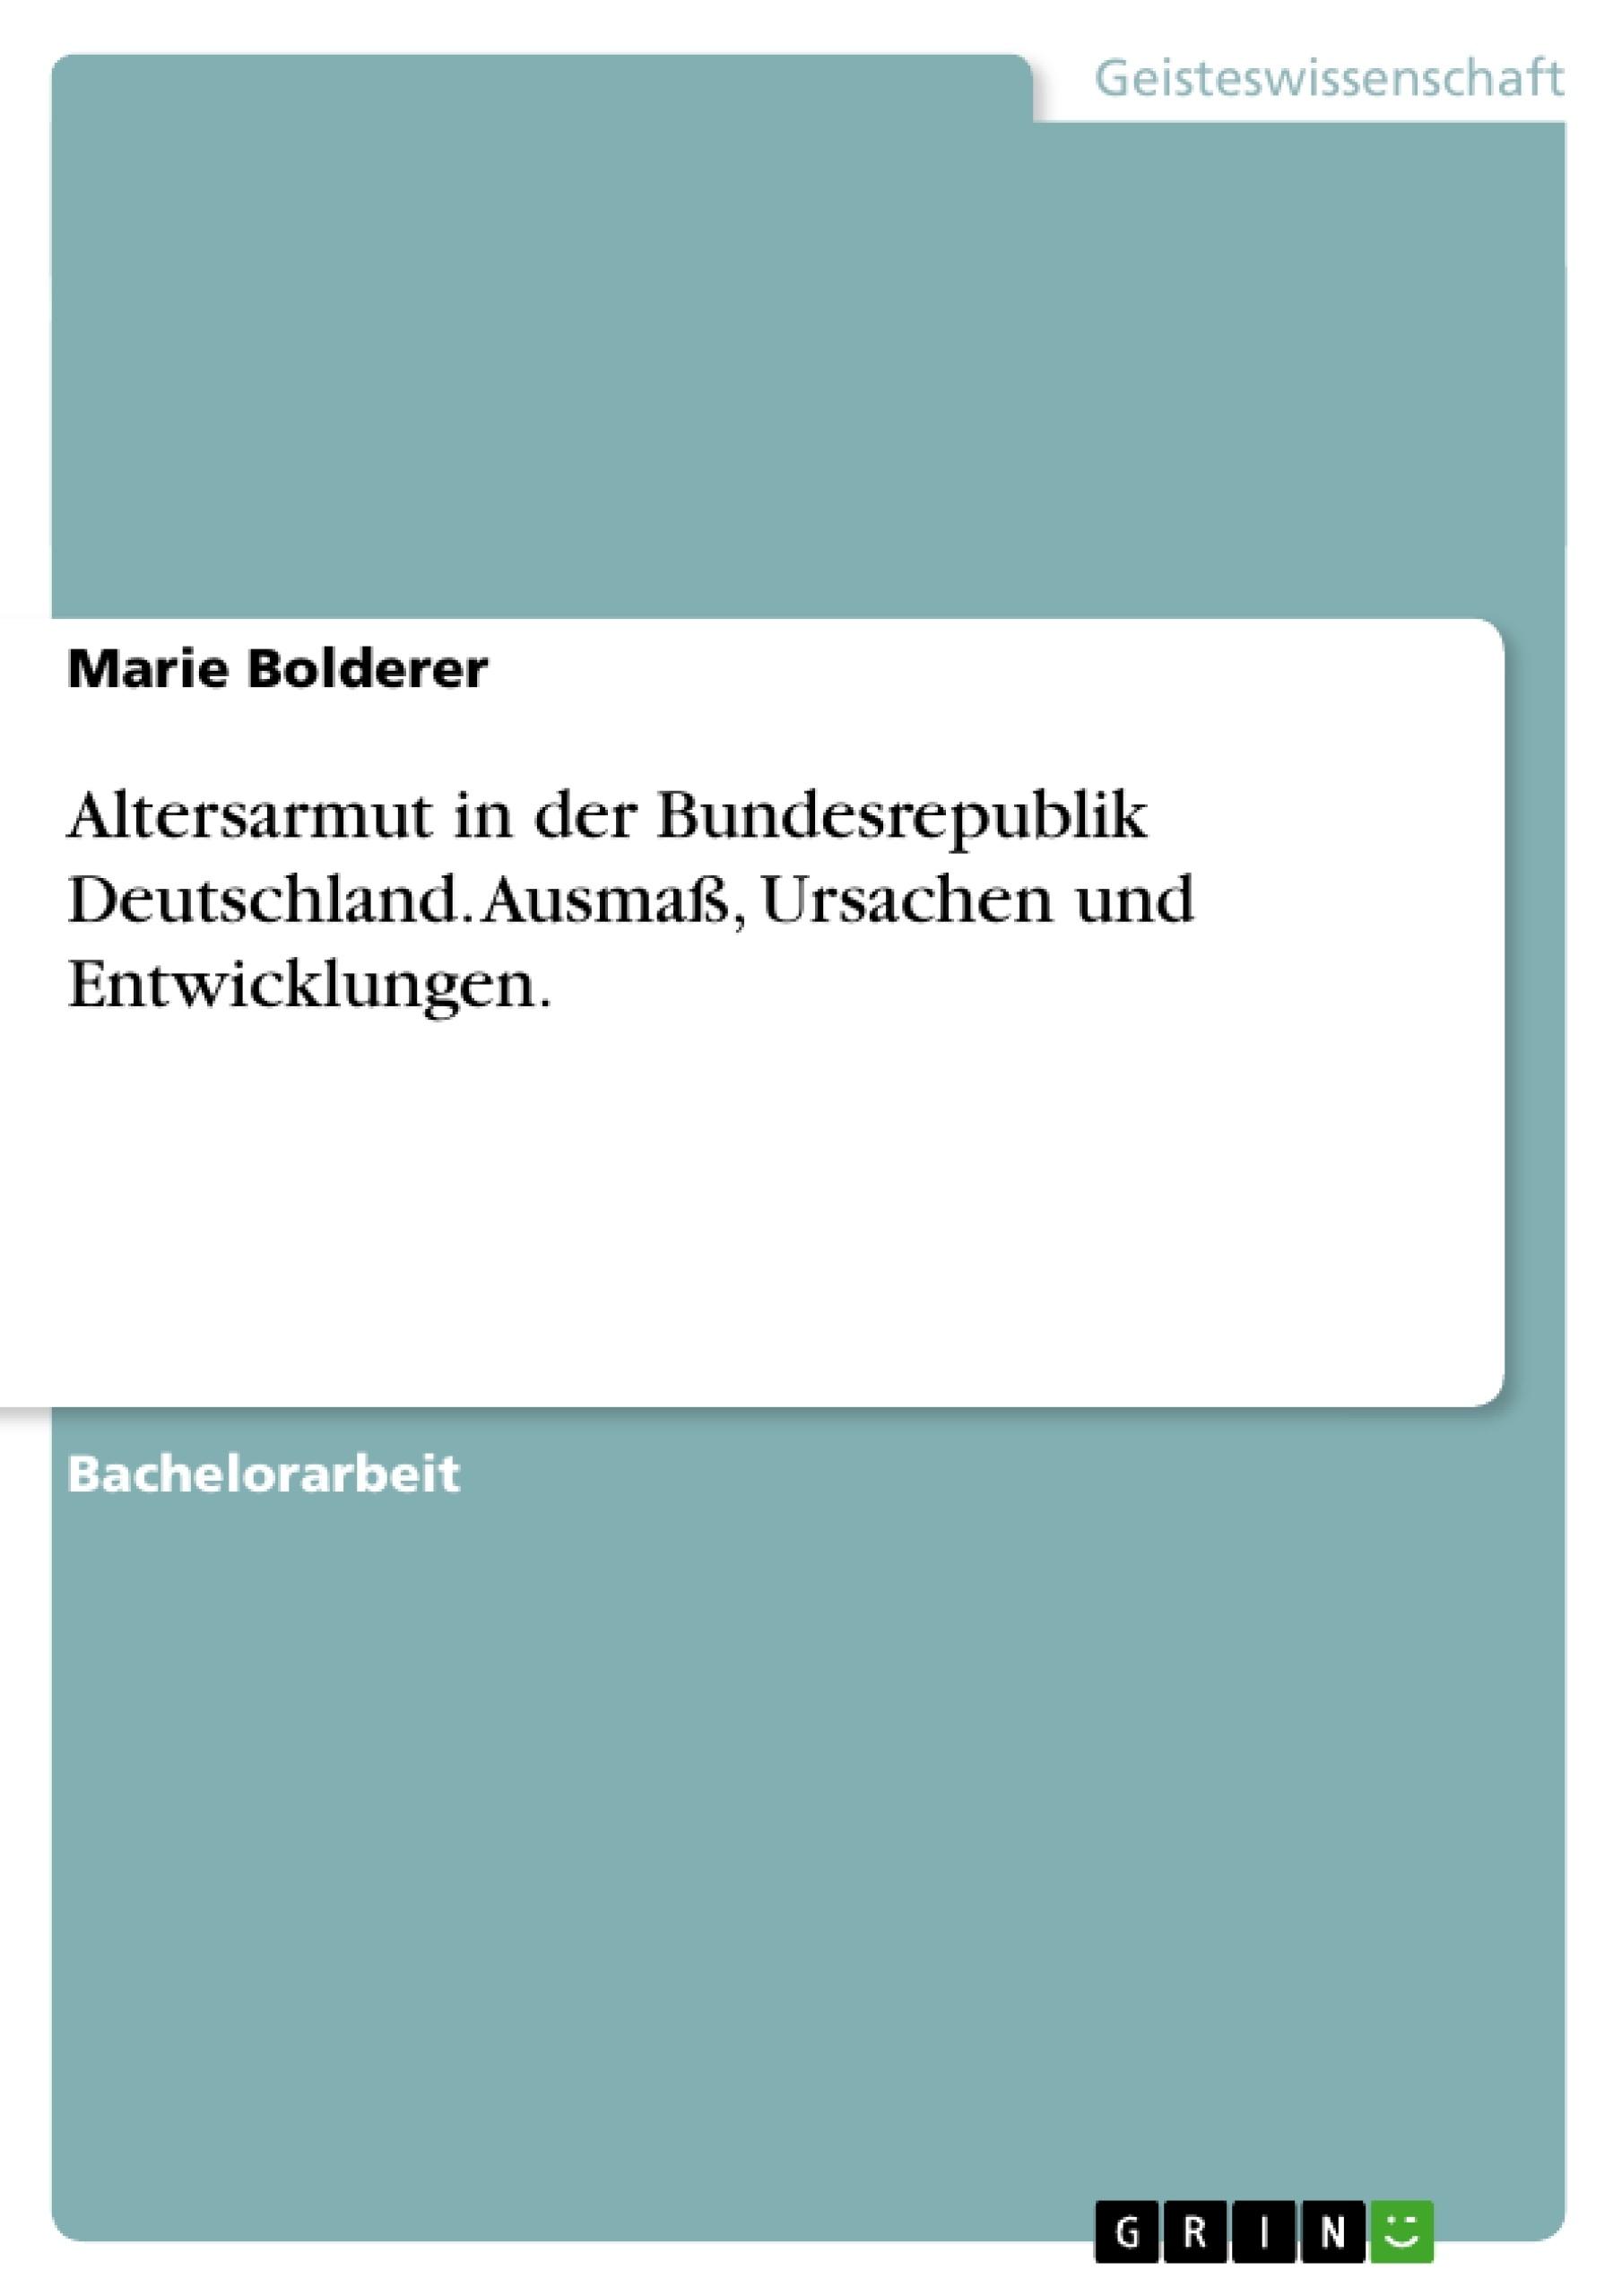 Titel: Altersarmut in der Bundesrepublik Deutschland. Ausmaß, Ursachen und Entwicklungen.